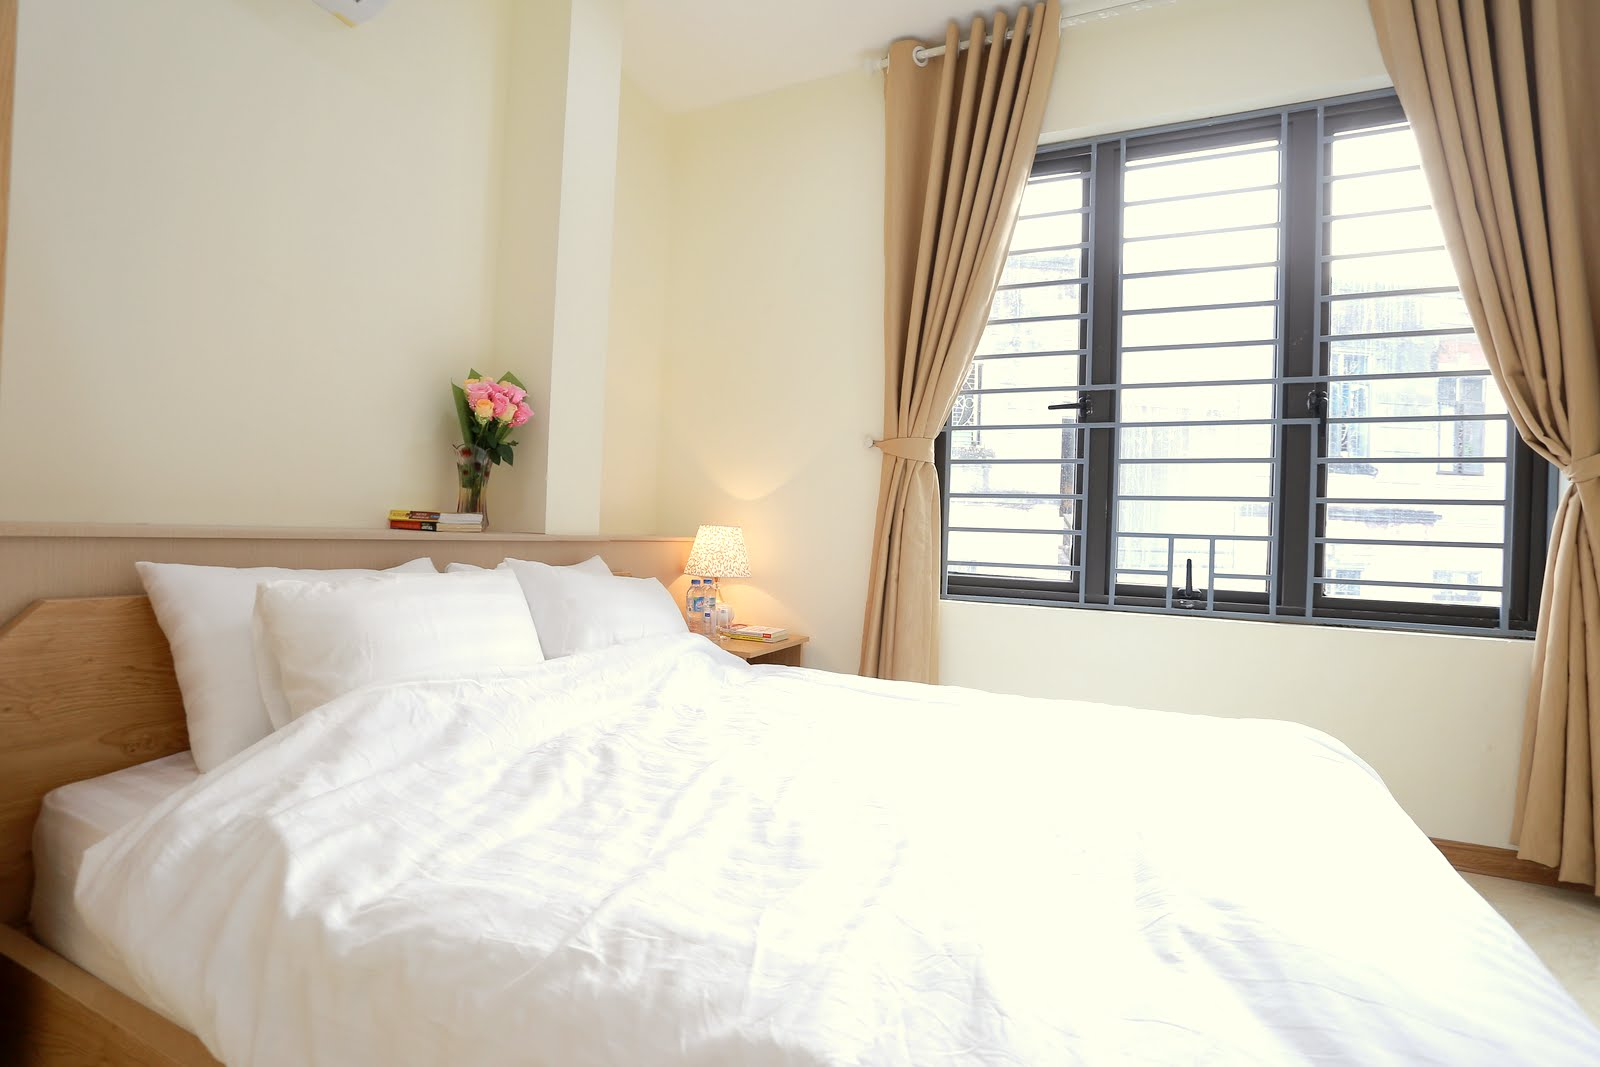 Cho thuê căn hộ dịch vụ 1 phòng ngủ tại Duy Tân, Cầu Giấy